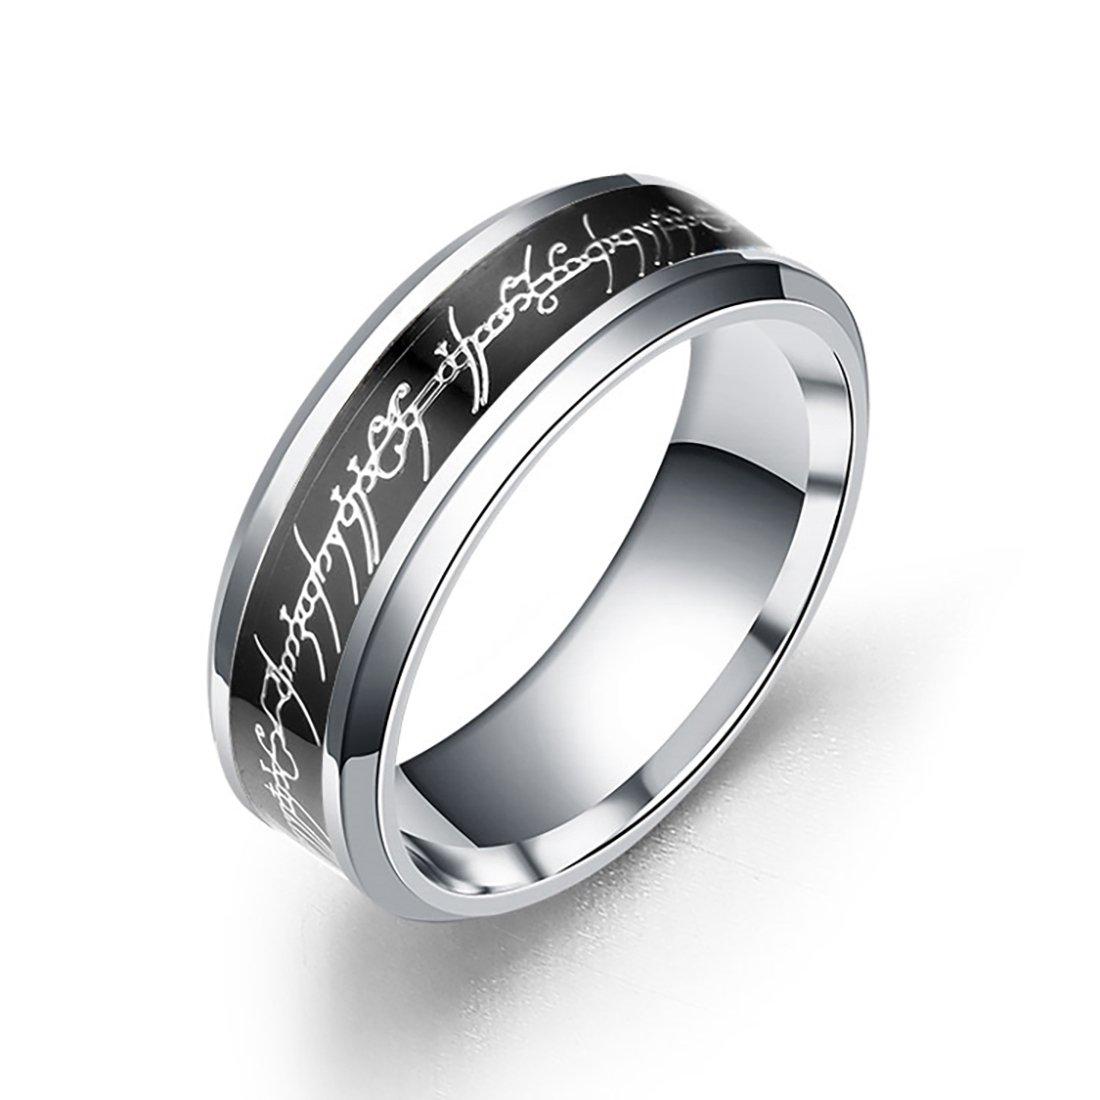 Dalaran Anillos de acero inoxidable para hombres Mujeres Los señores de los anillos de plata / negro / oro